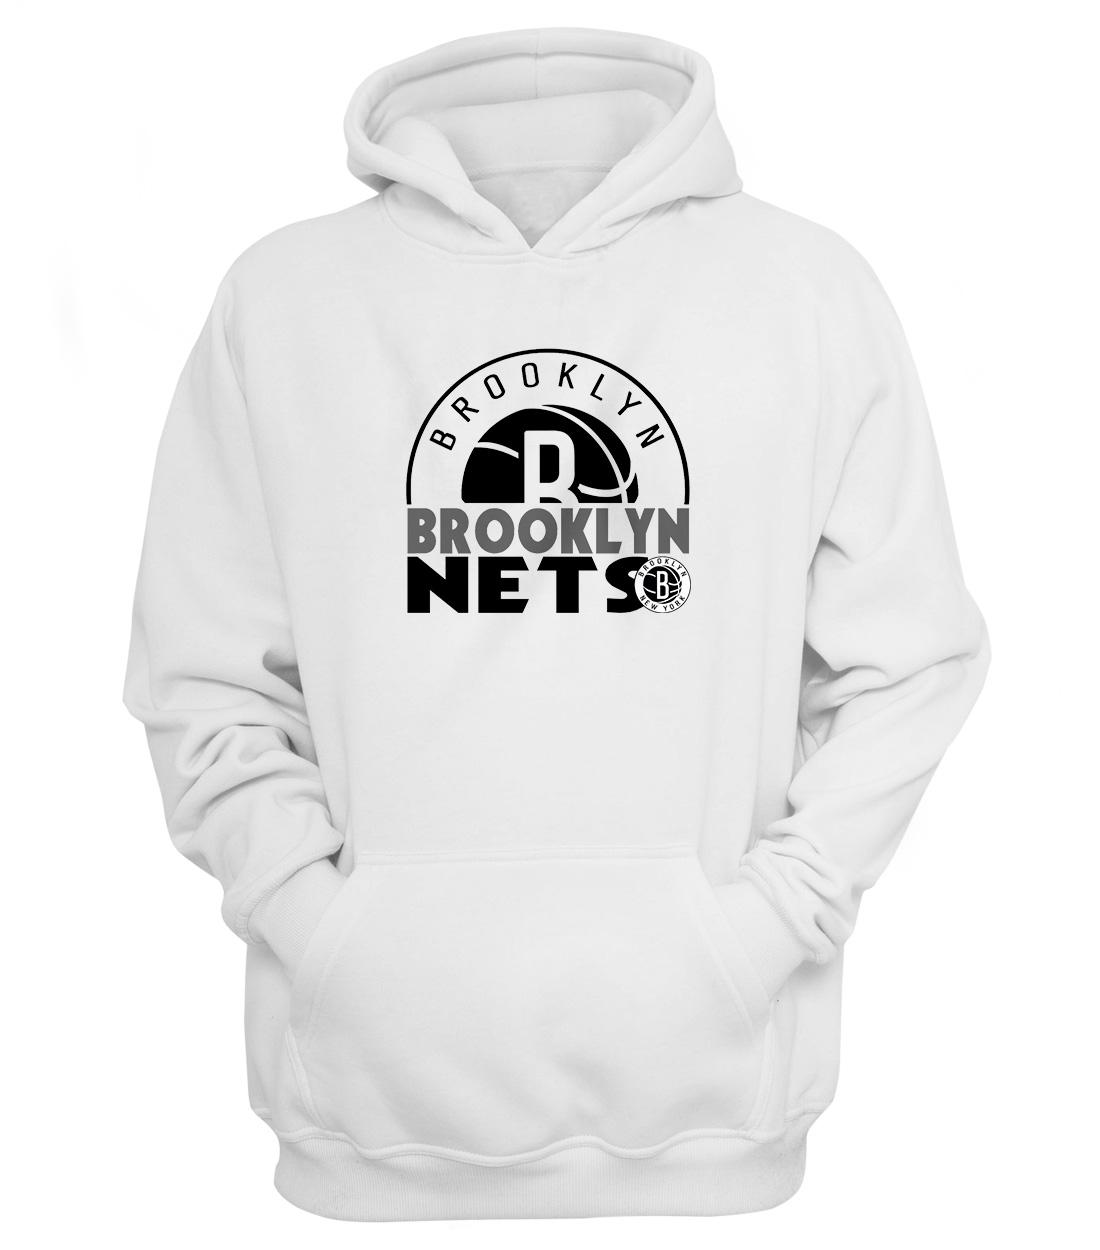 Brooklyn Nets Hoodie (HD-WHT-NP-357-NBA-Brklyn.Nets)